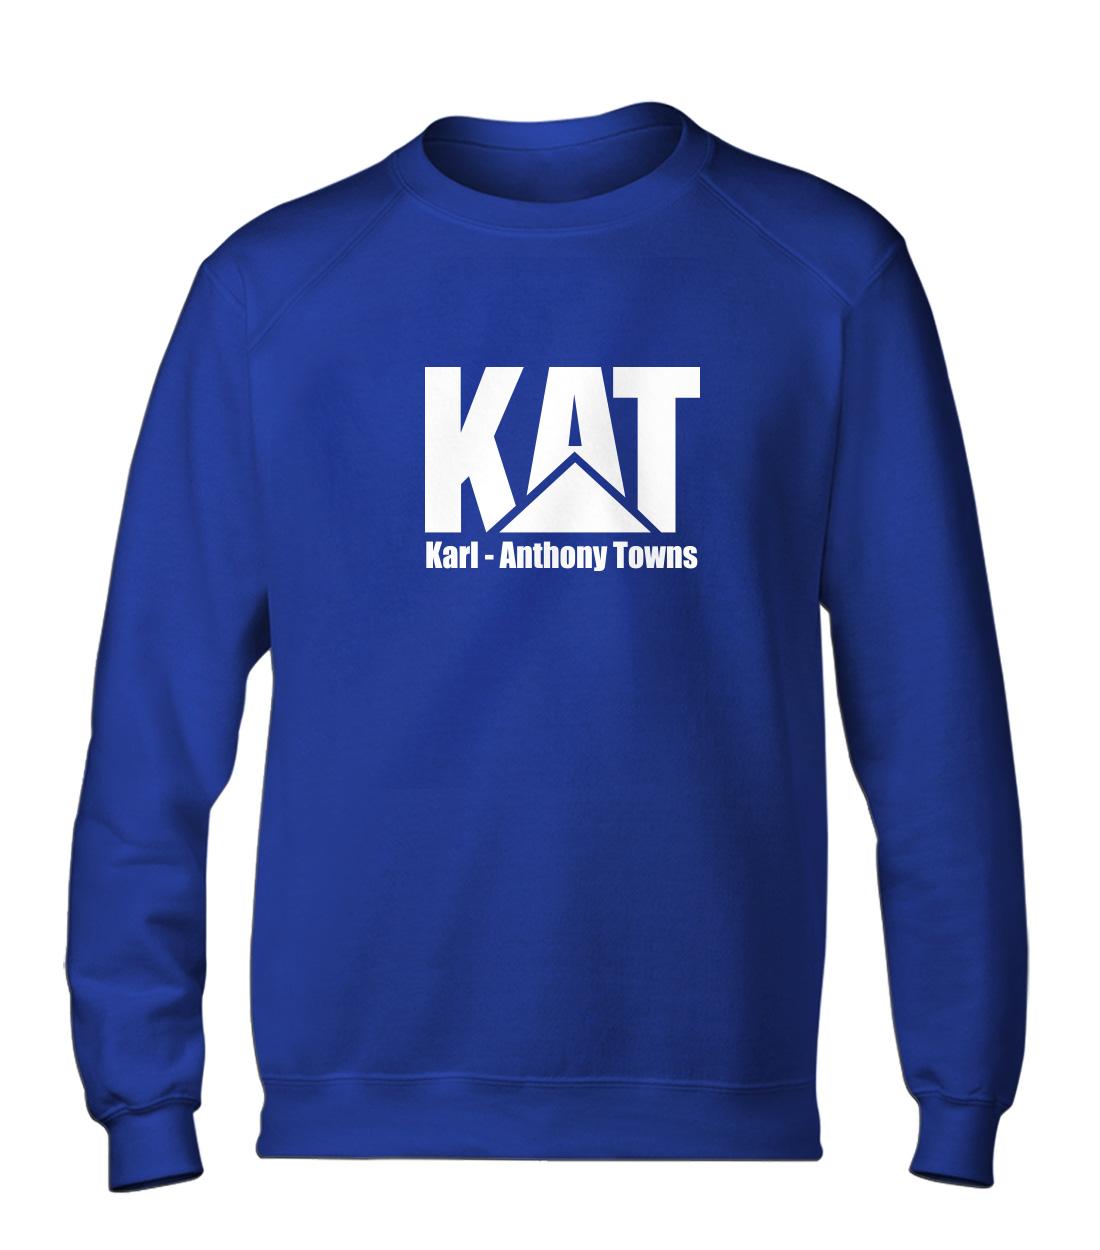 Karl Anthony Towns Basic (BSC-BLU-NP-kat-logo-616)